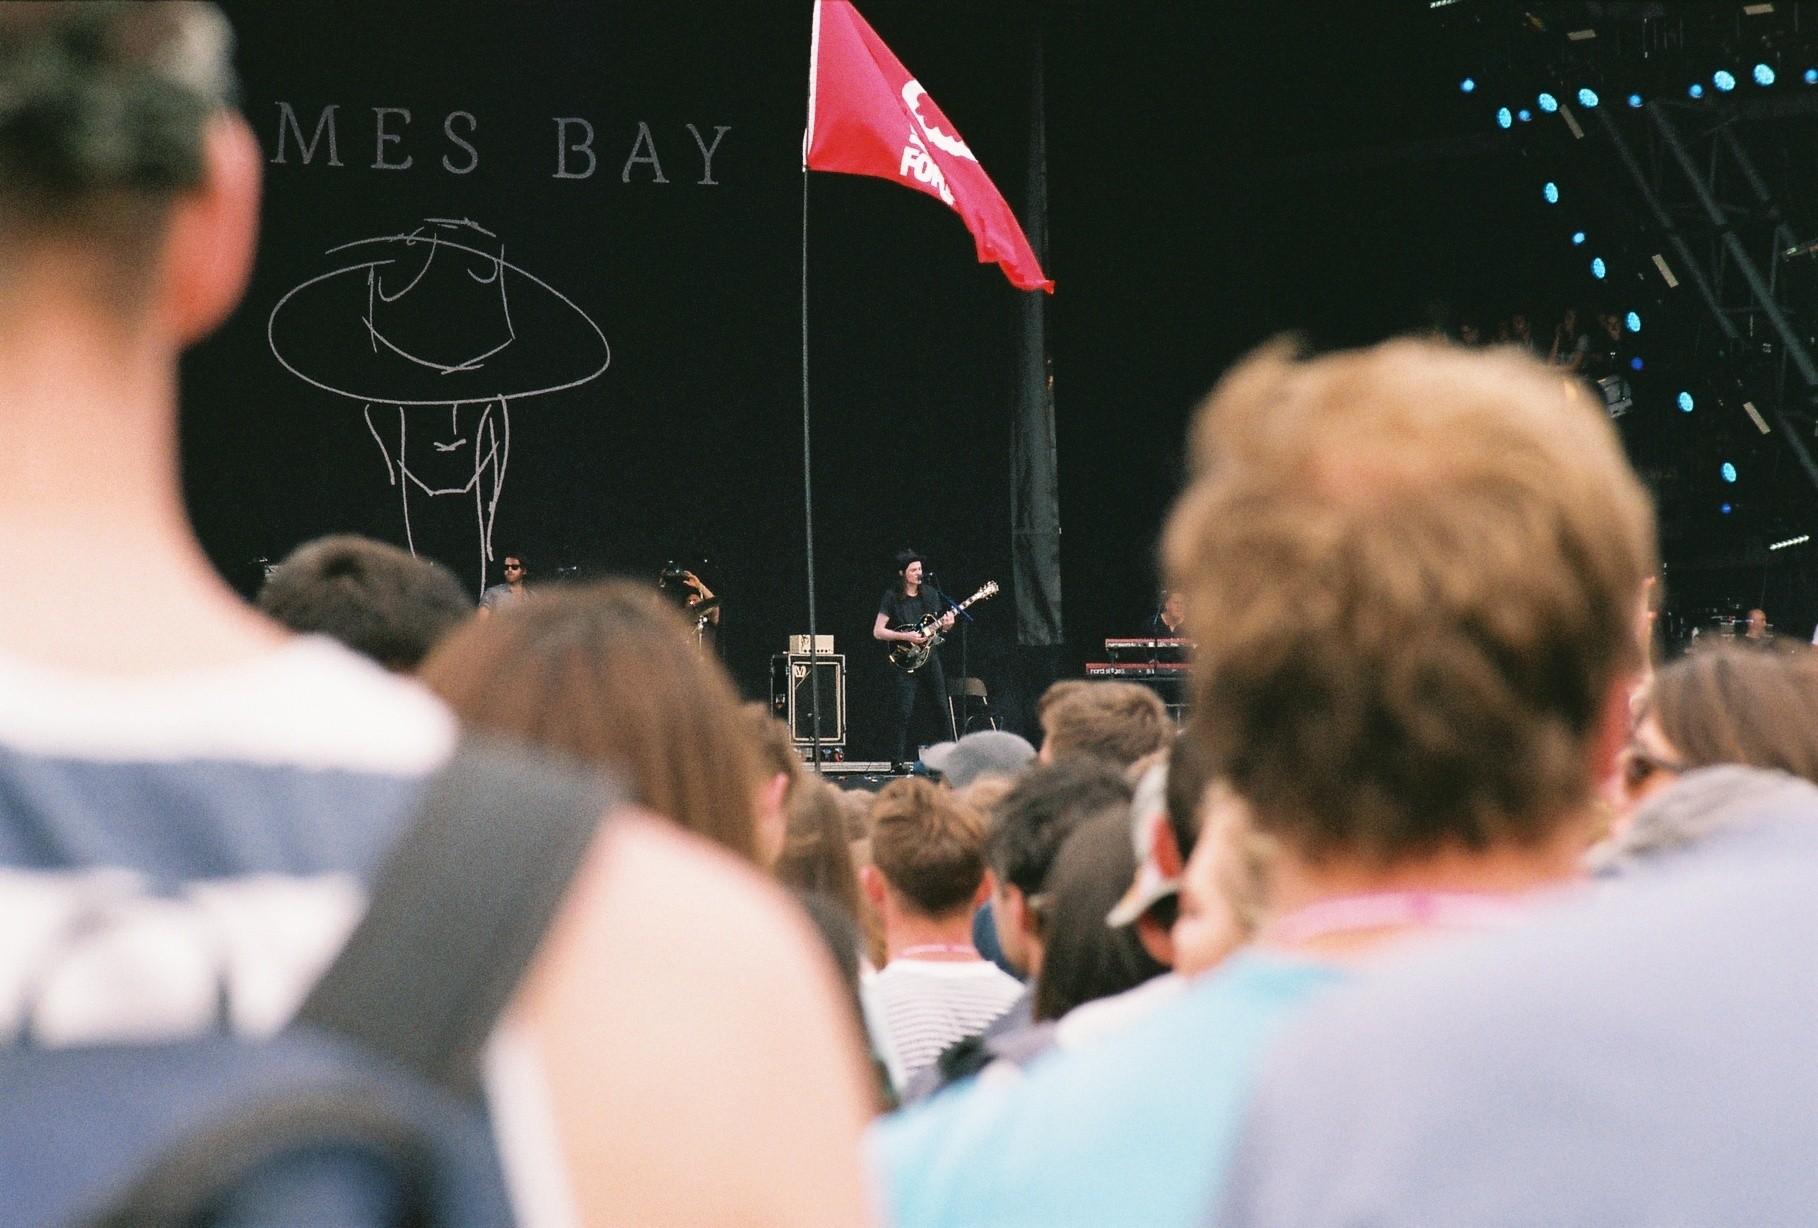 James Bay @ Glastonbury 2015